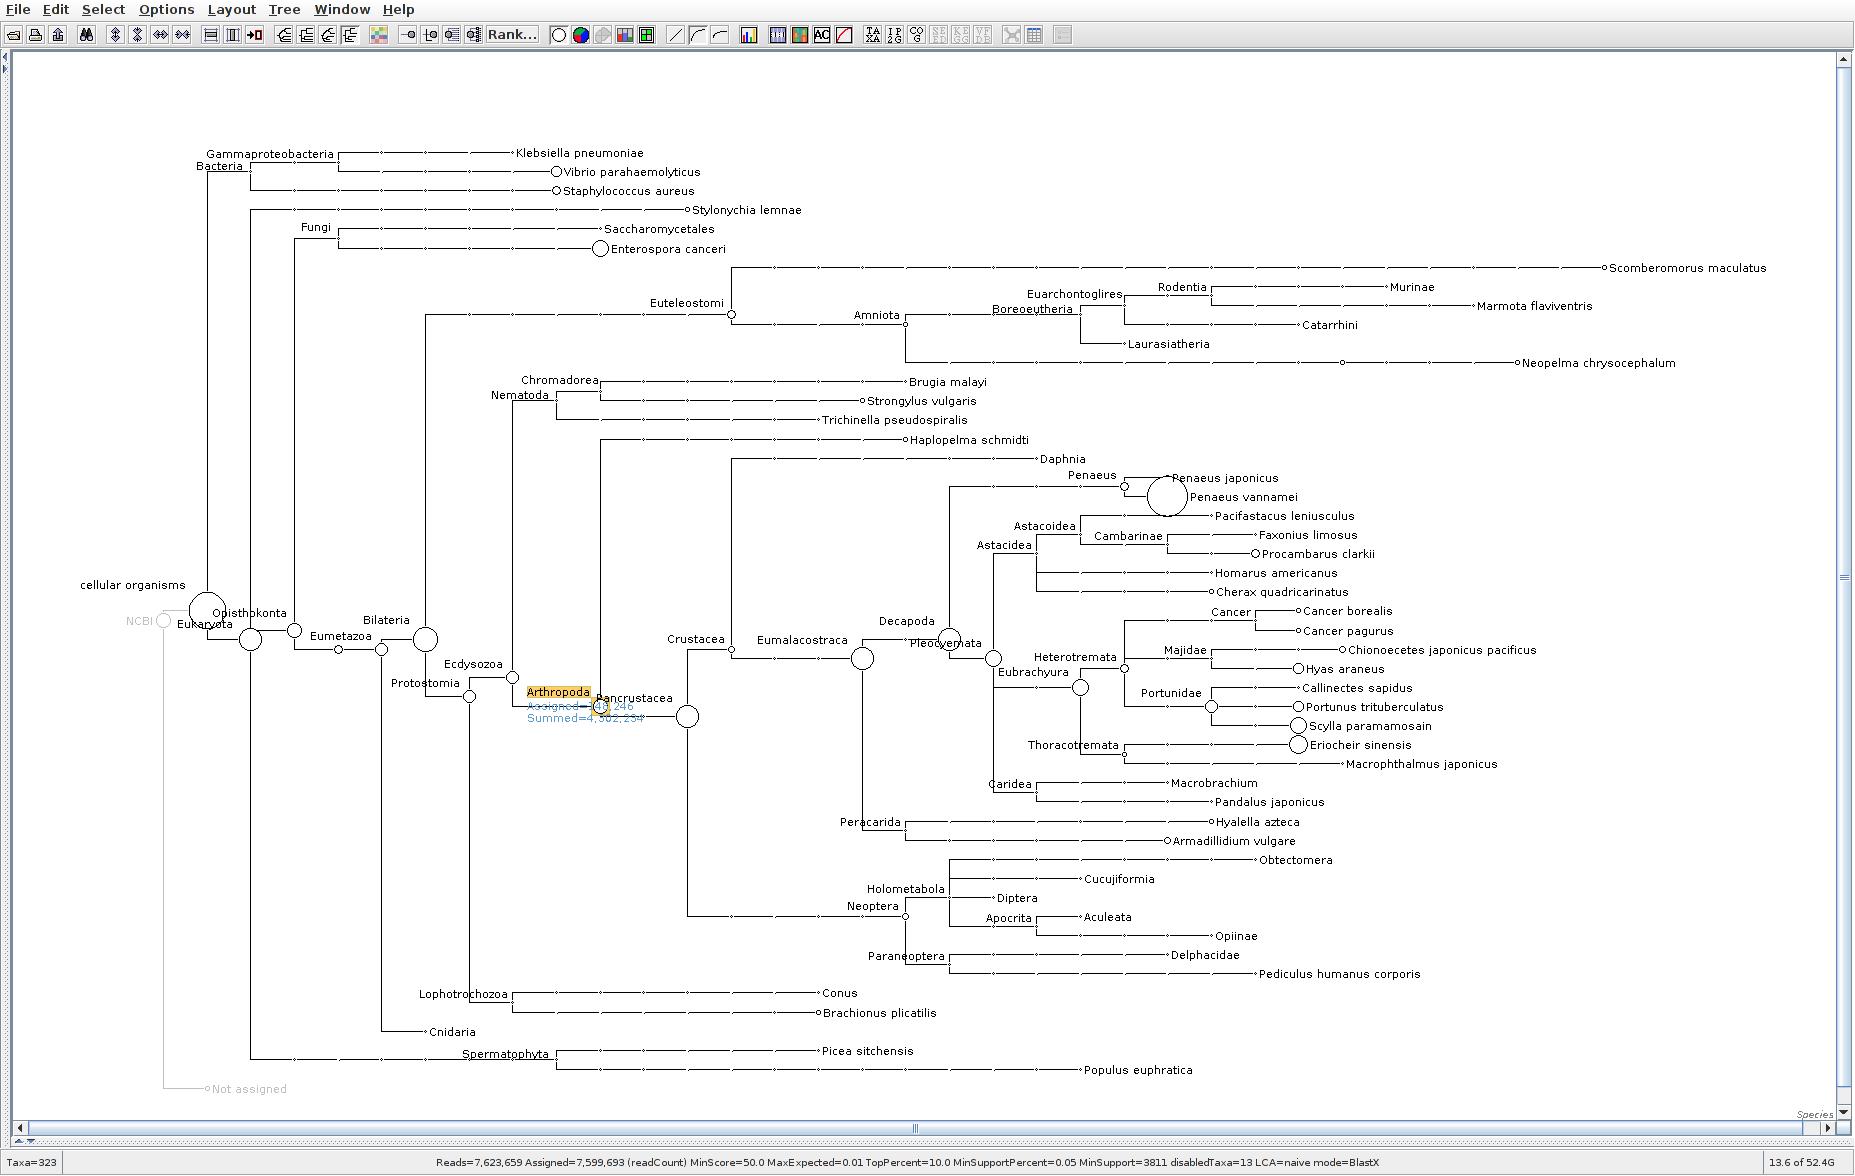 127 MEGAN6 taxonomic tree